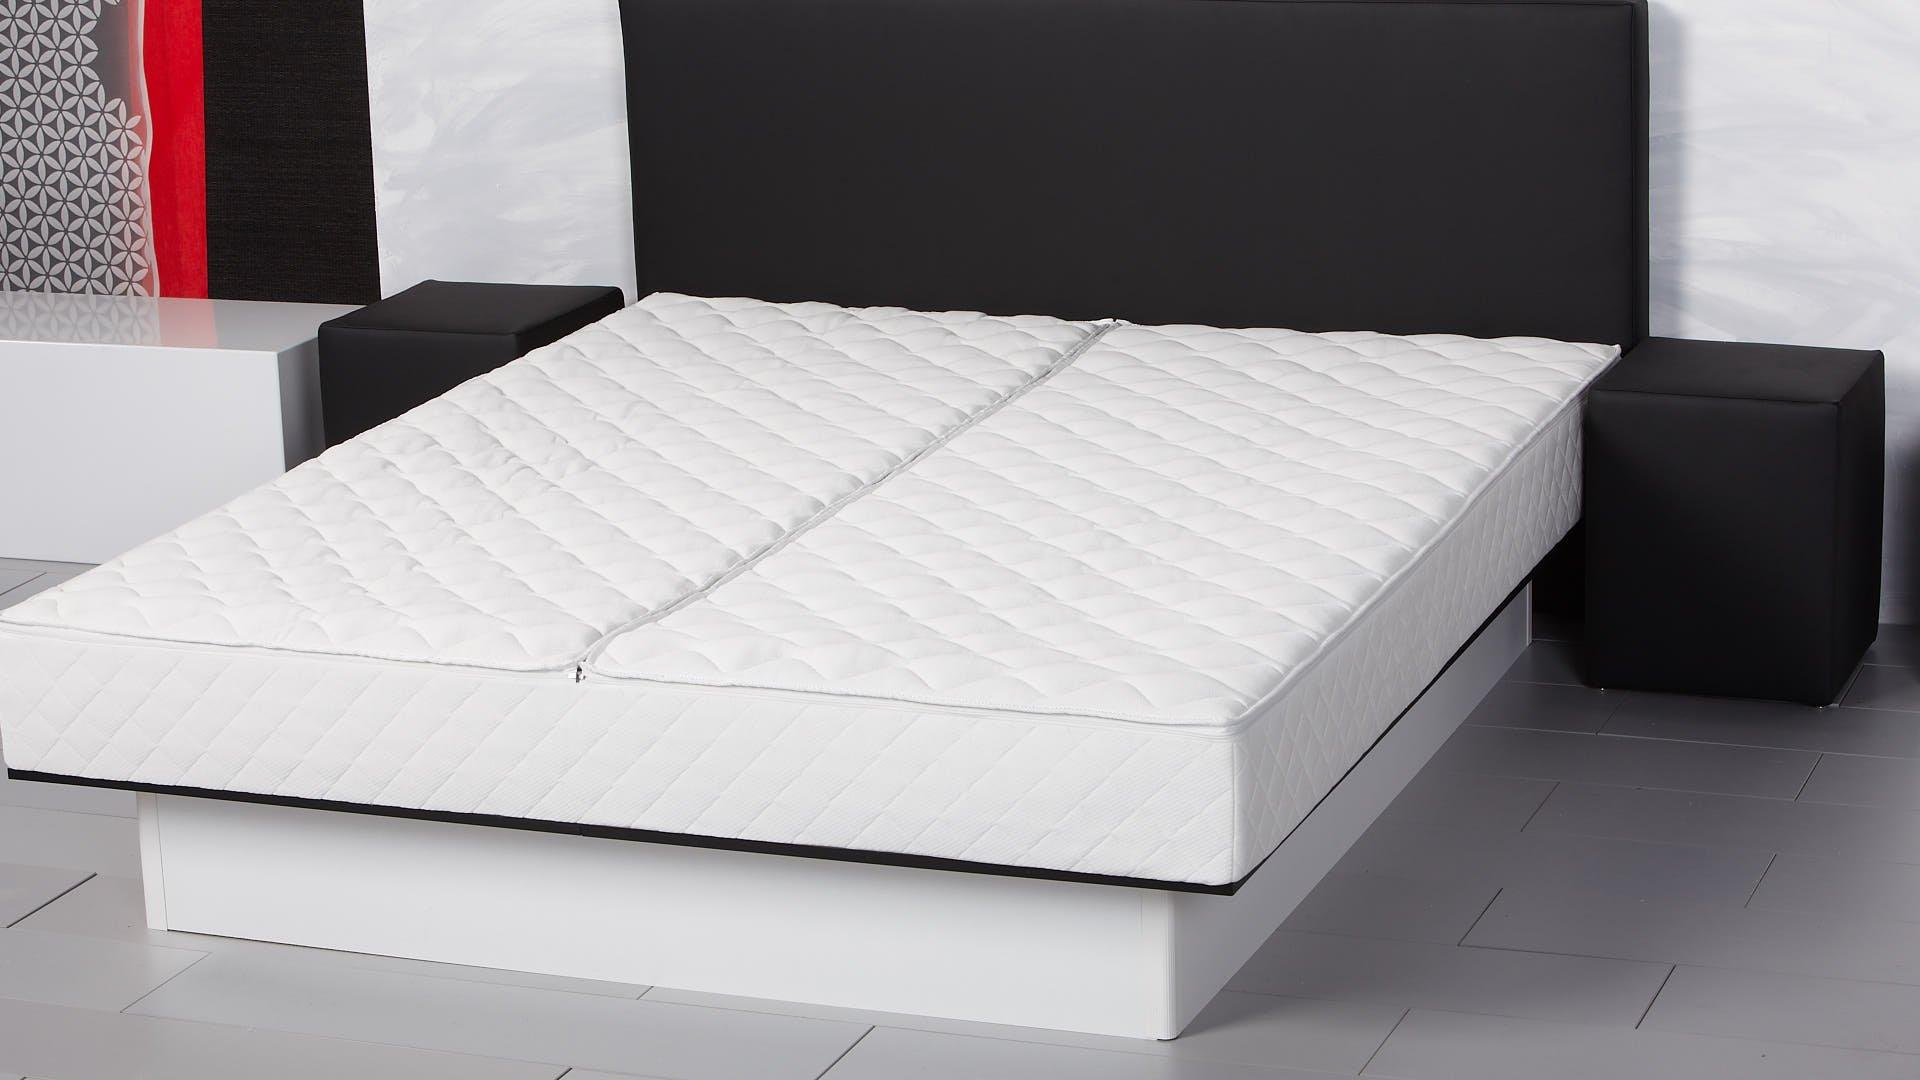 compleet softside waterbed voor de laagste prijs waterbed kampioen. Black Bedroom Furniture Sets. Home Design Ideas